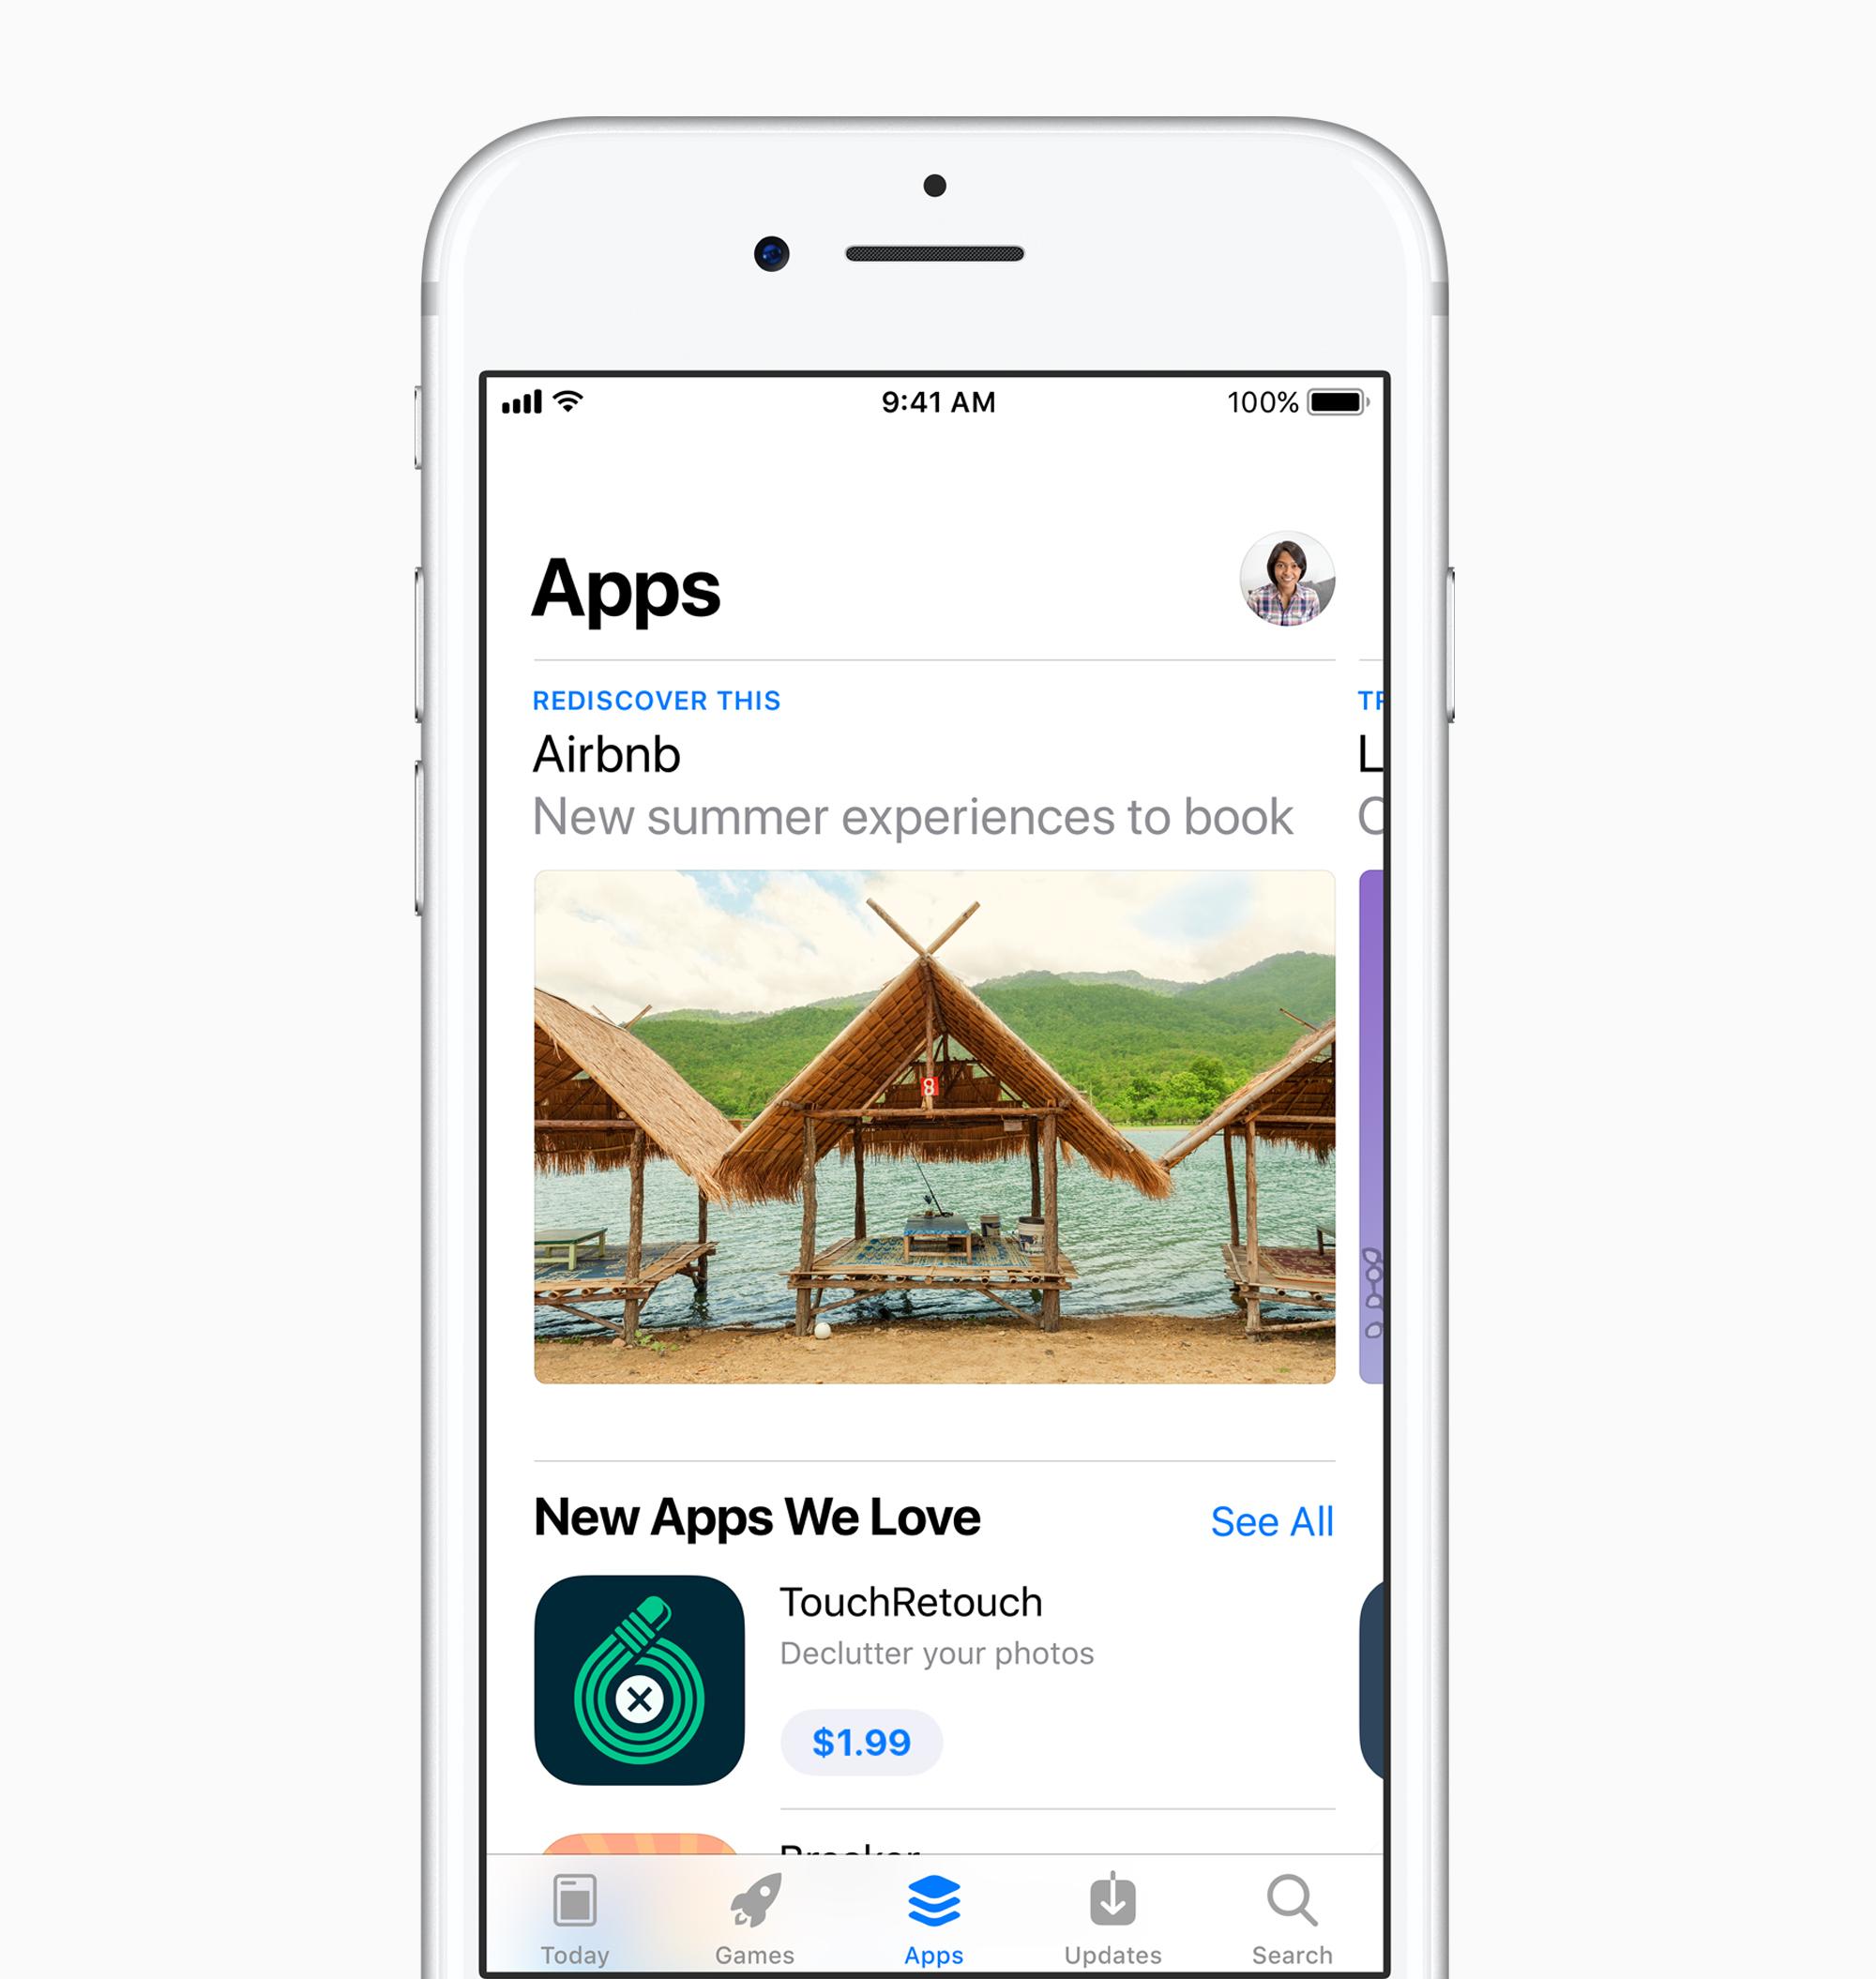 Apps Ansicht, AppStore in iOS 11